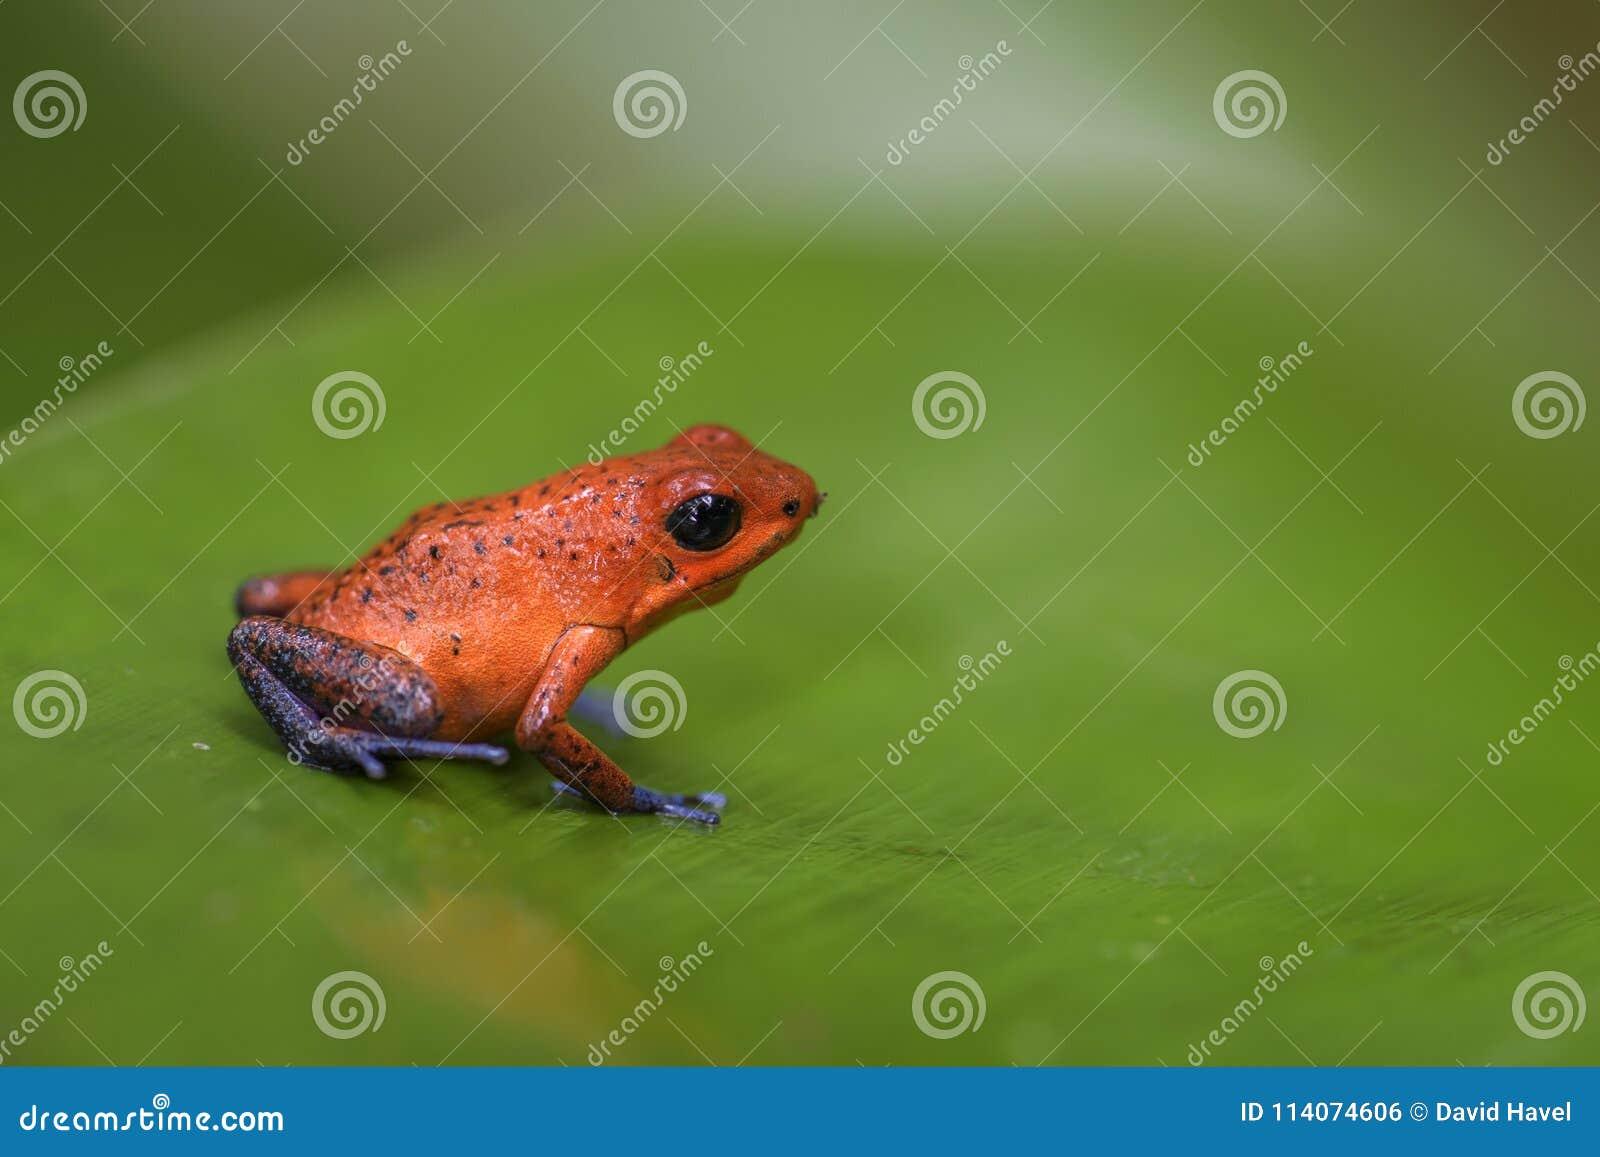 Red Poison Dart Frog - Oophaga pumilio